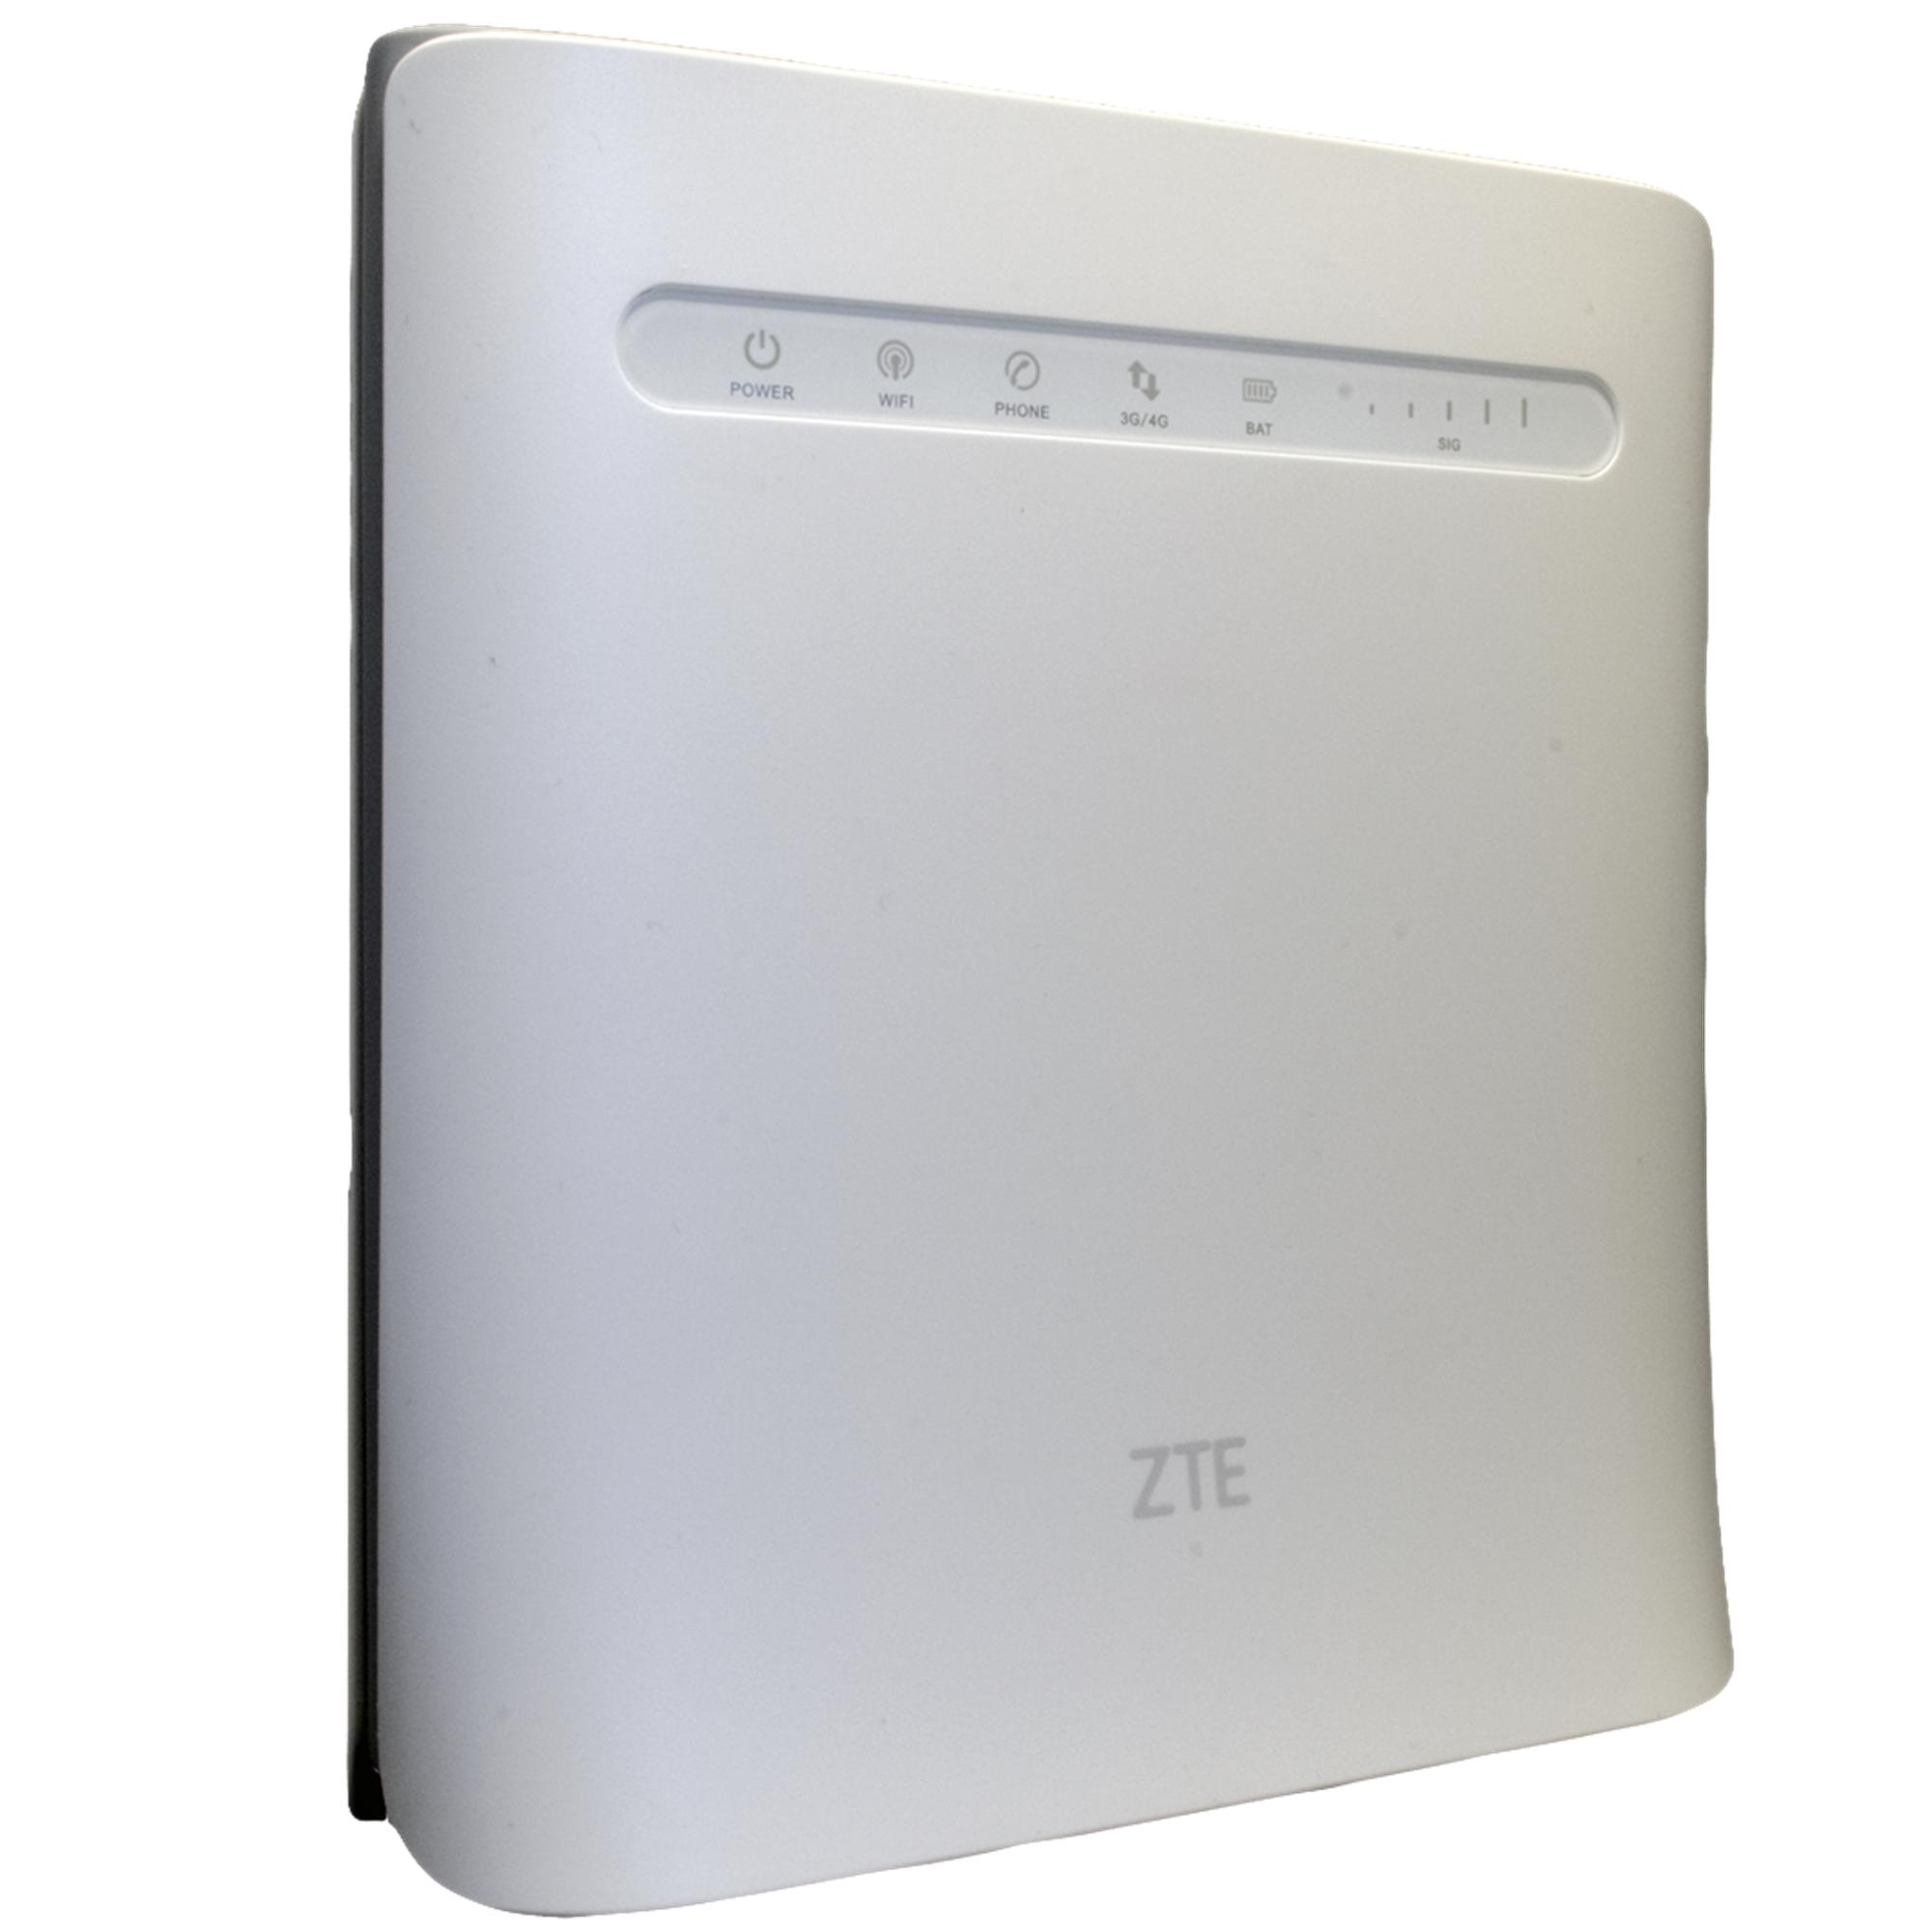 Zte wireless / Acer monitor 24